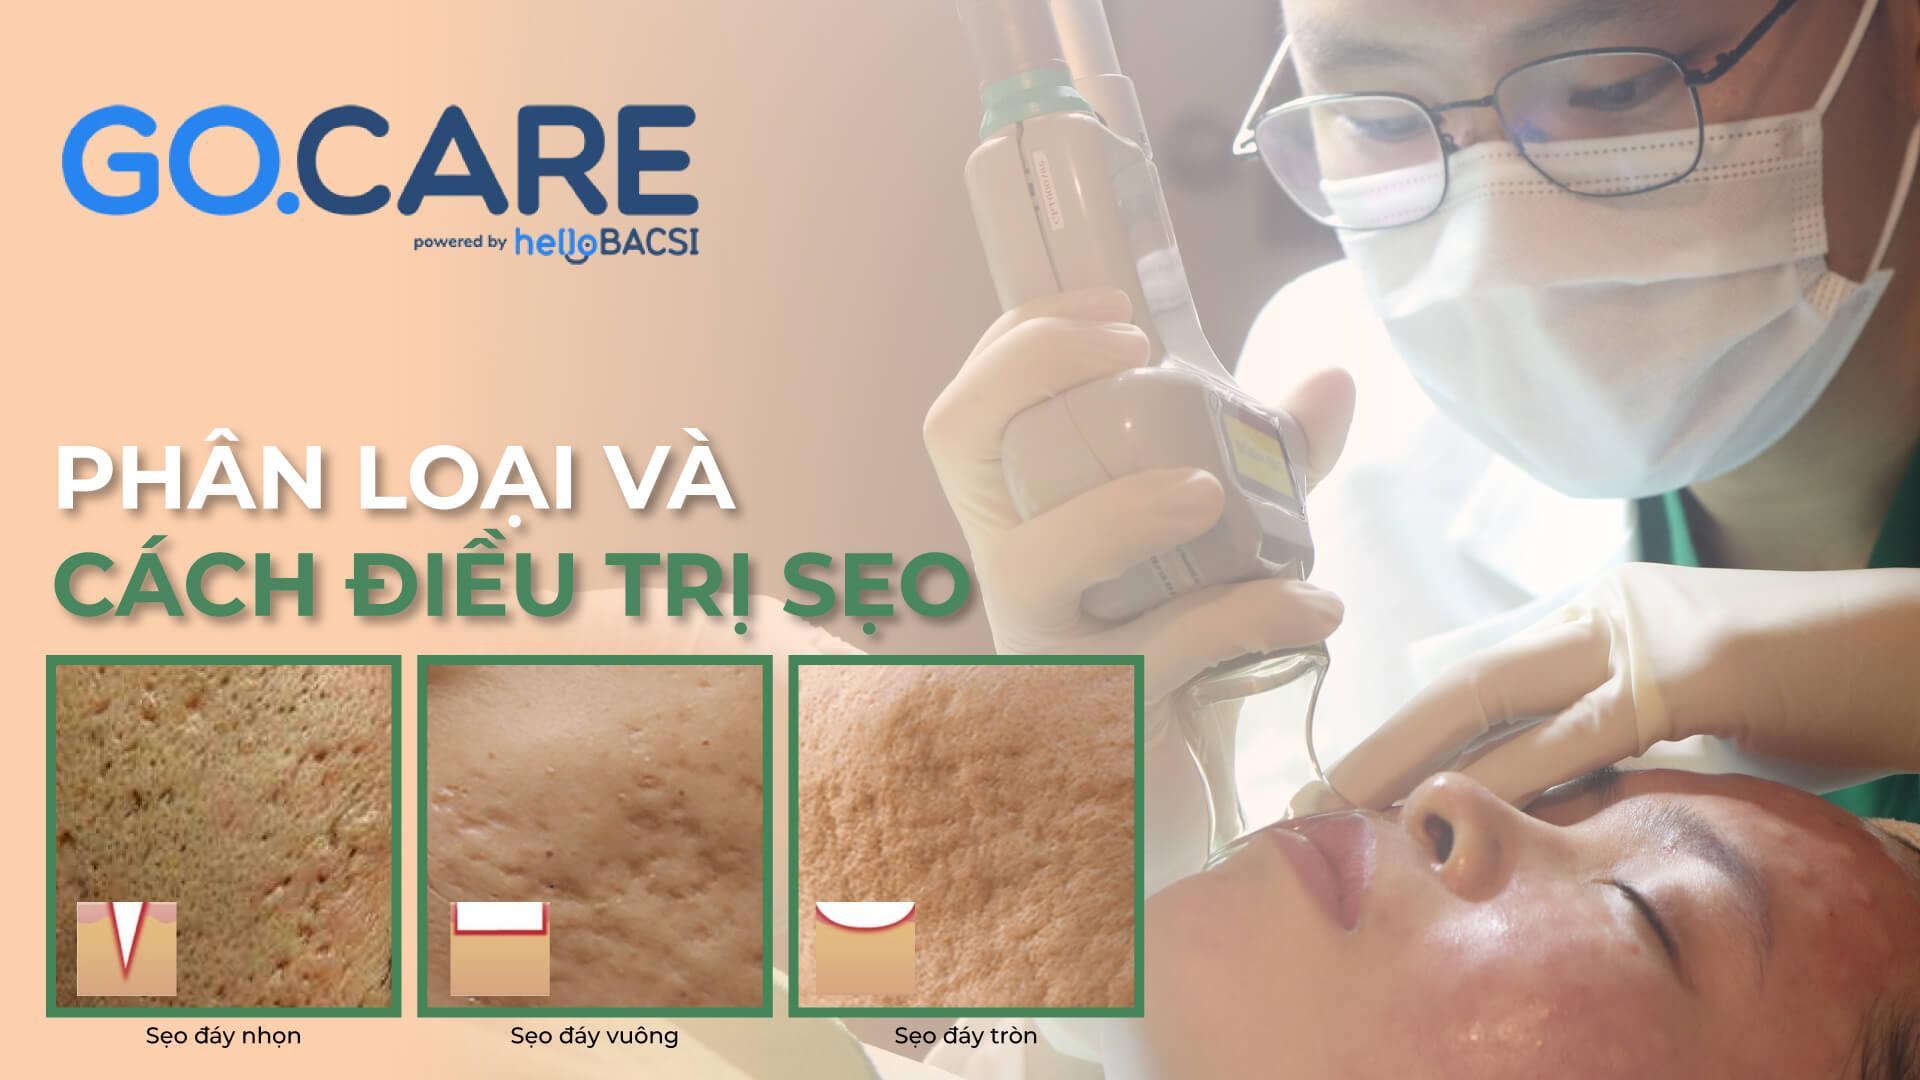 gocare phân loại cách điều trị sẹo